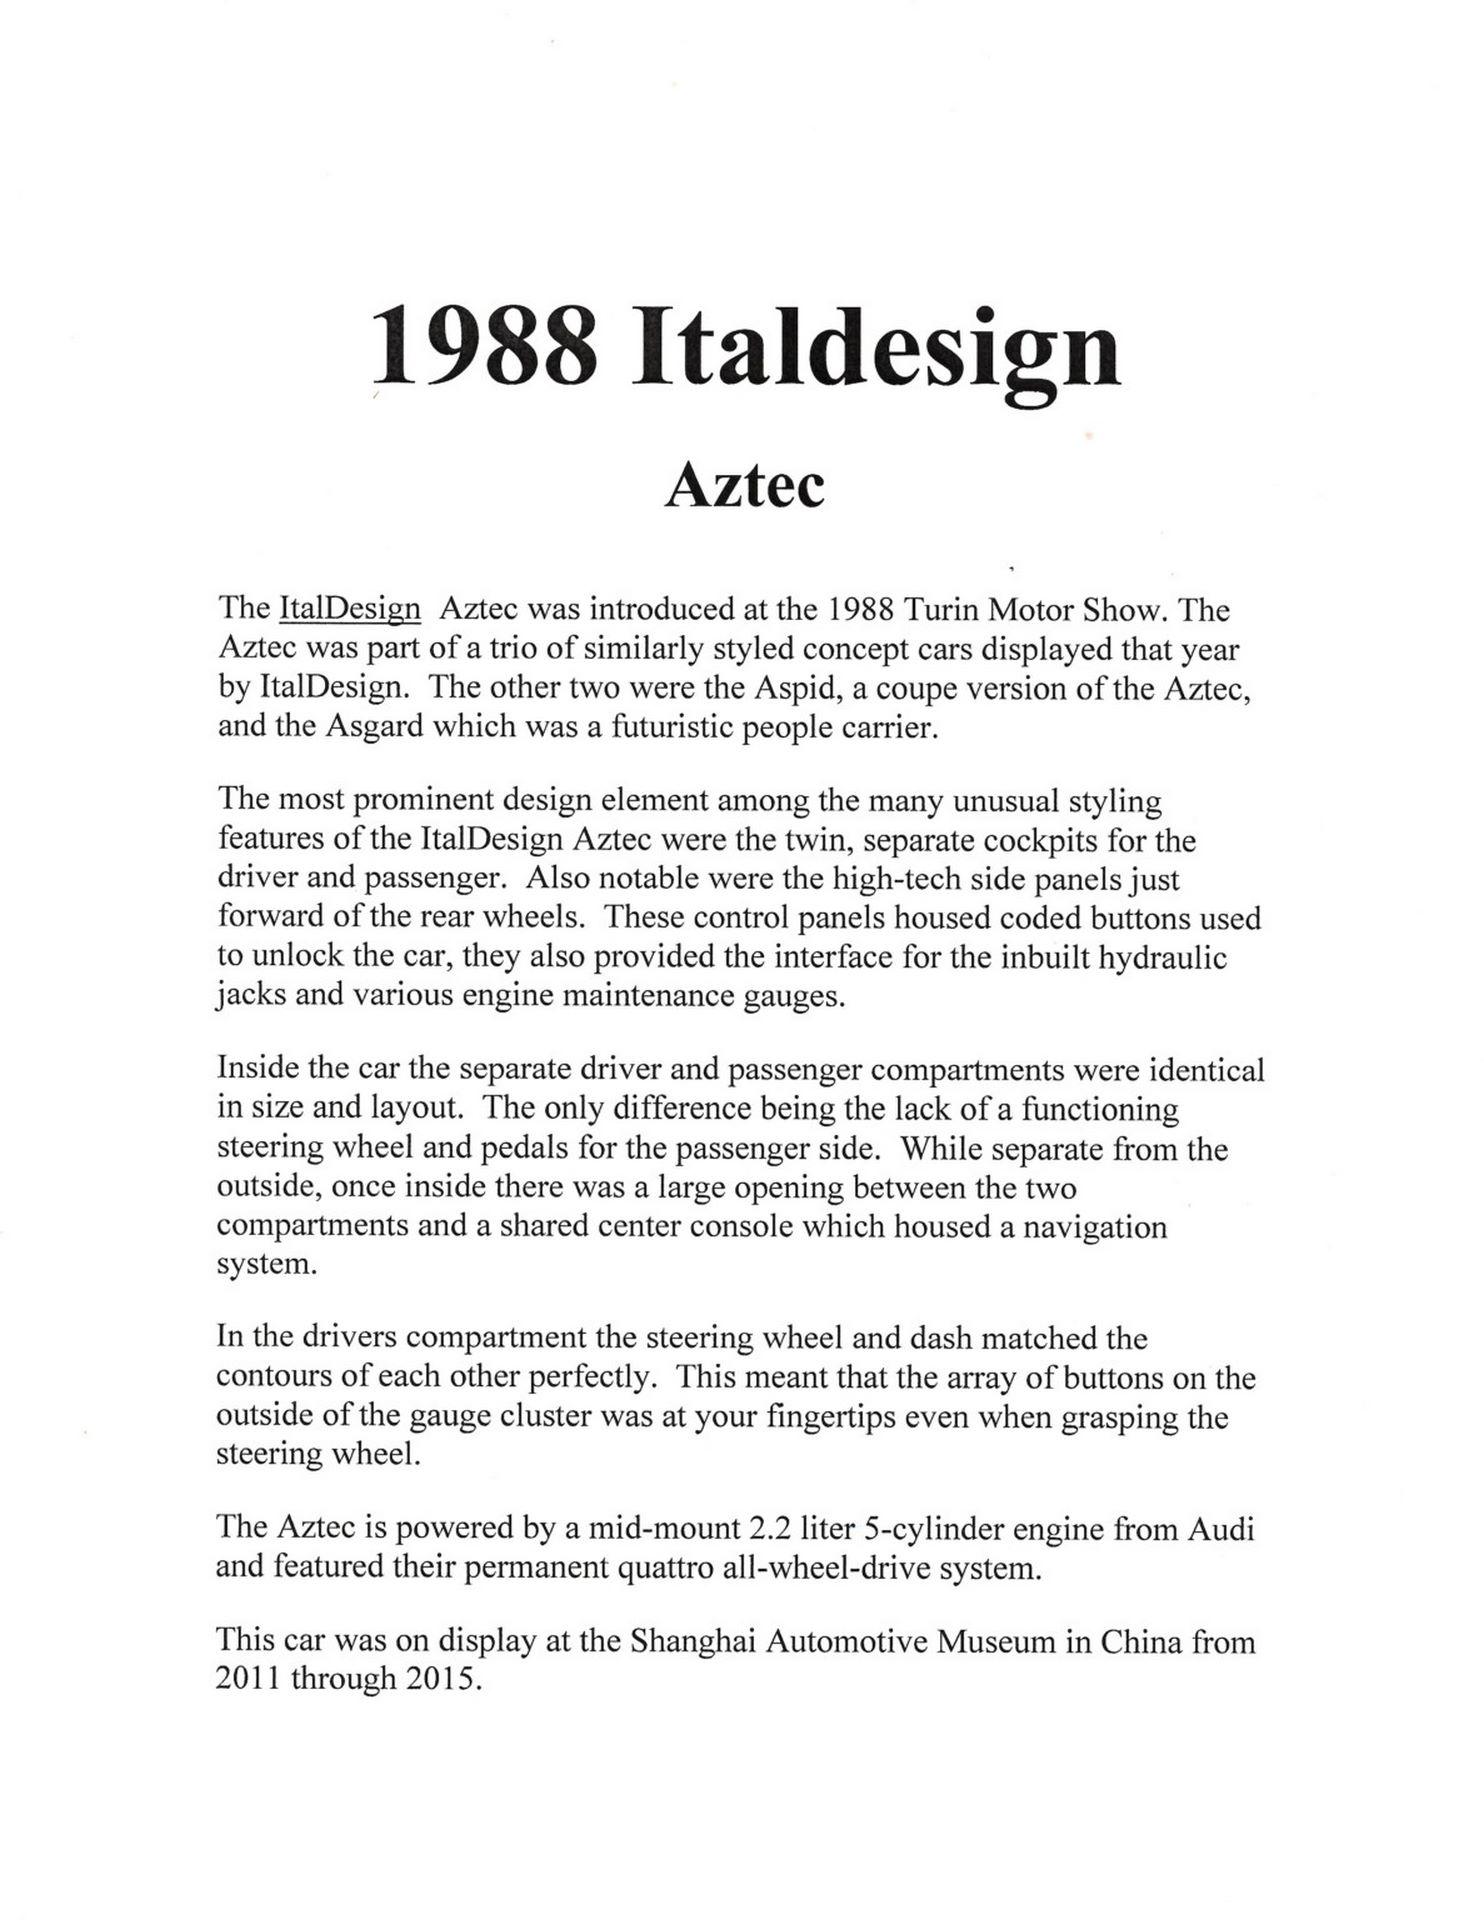 Italdesign-Aztec-1988-113